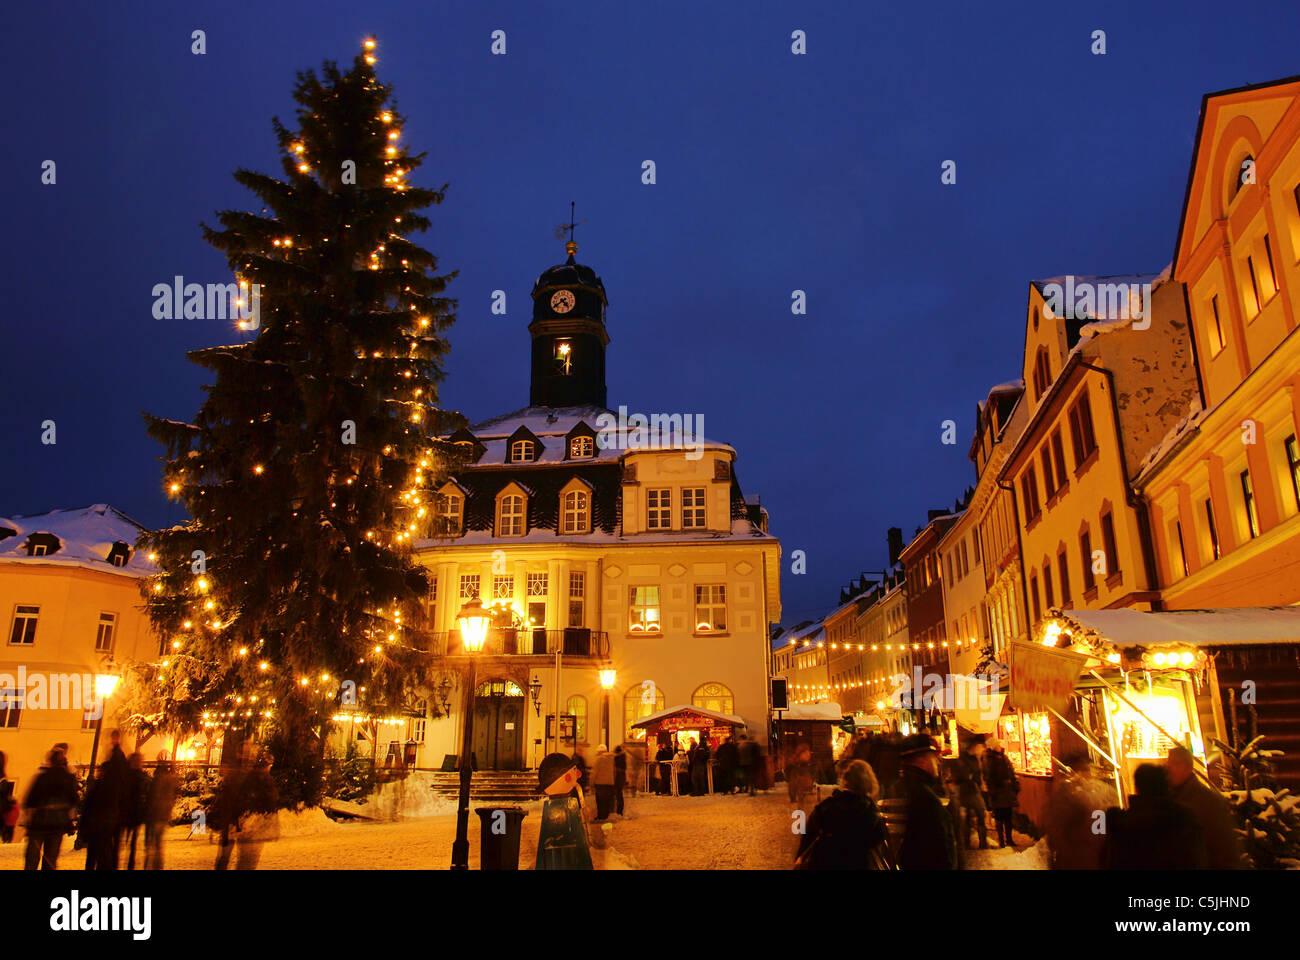 Weihnachtsmarkt Schwarzenberg.Schwarzenberg Weihnachtsmarkt Schwarzenberg Hristmas Market 02